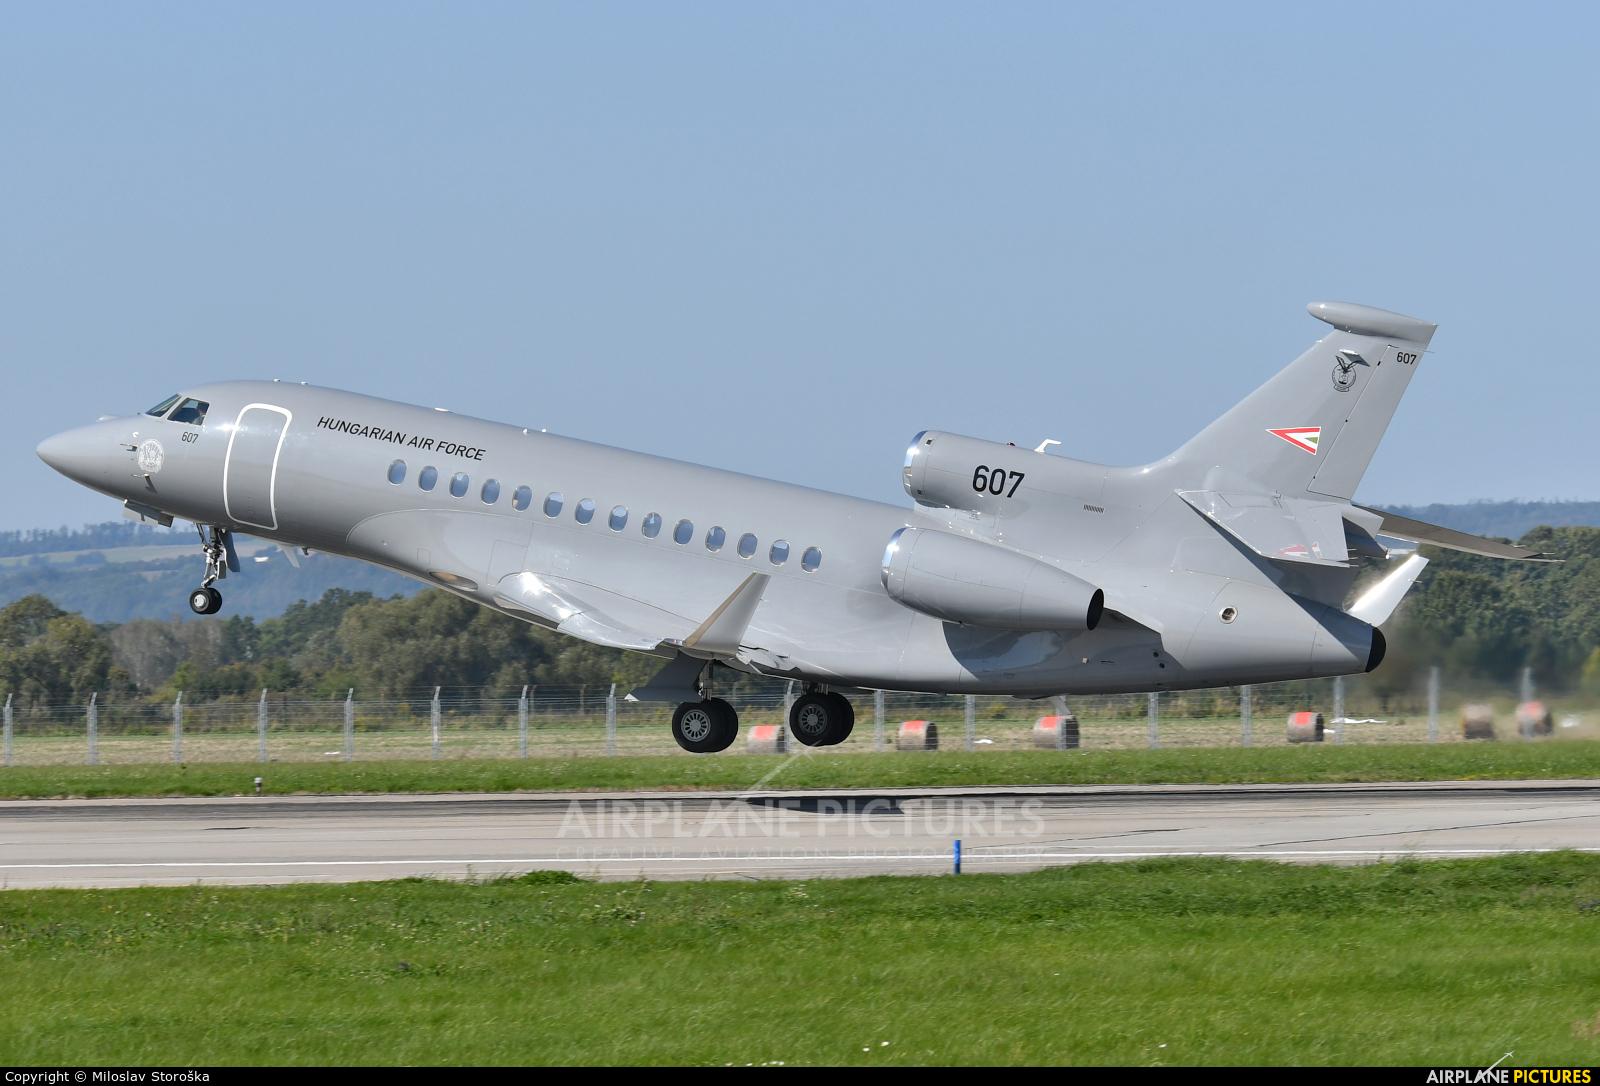 Hungary - Air Force 607 aircraft at Ostrava Mošnov